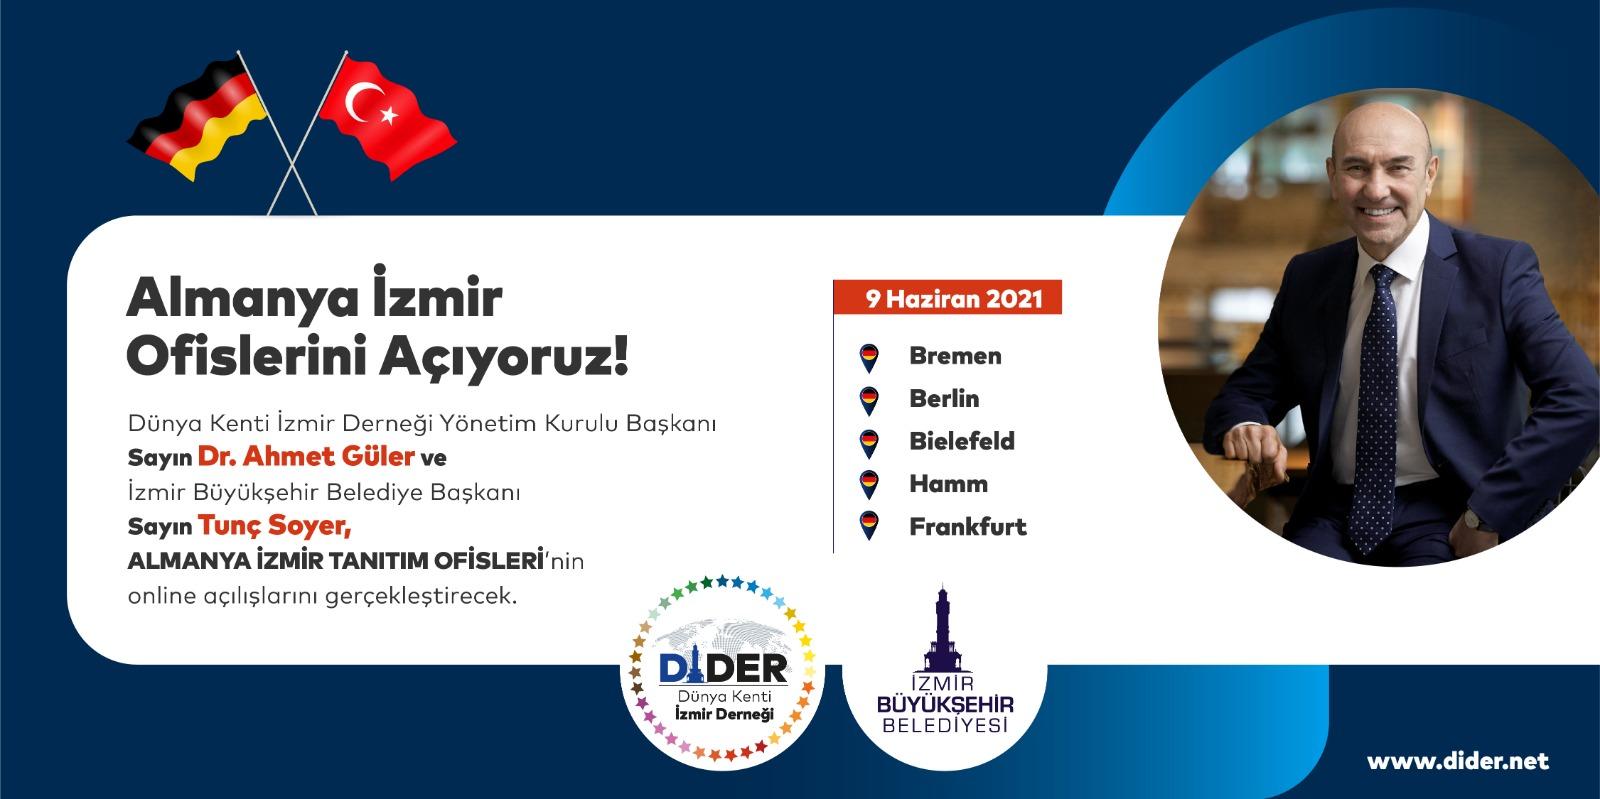 İzmir tanıtım ofisleri Almanya'da açıldı